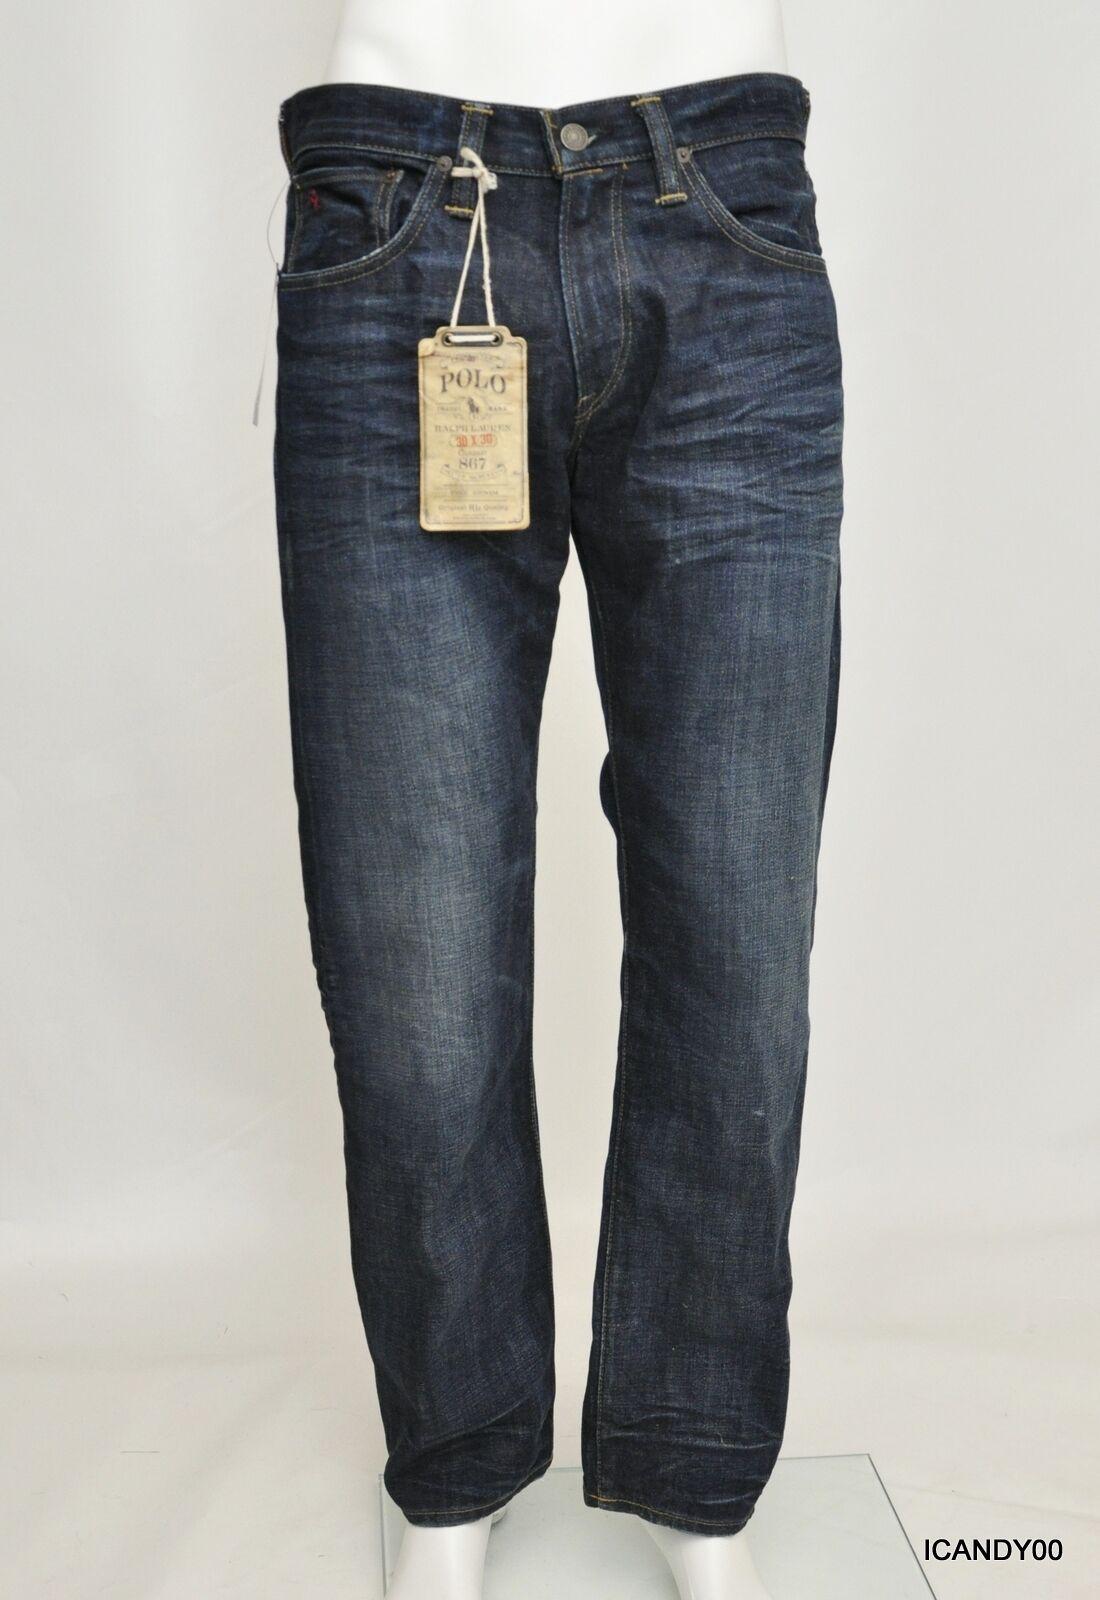 Nwt  Polo Ralph Lauren Classic-Fit Jeans 867 Pants Trouser Elliot Wash 30-30